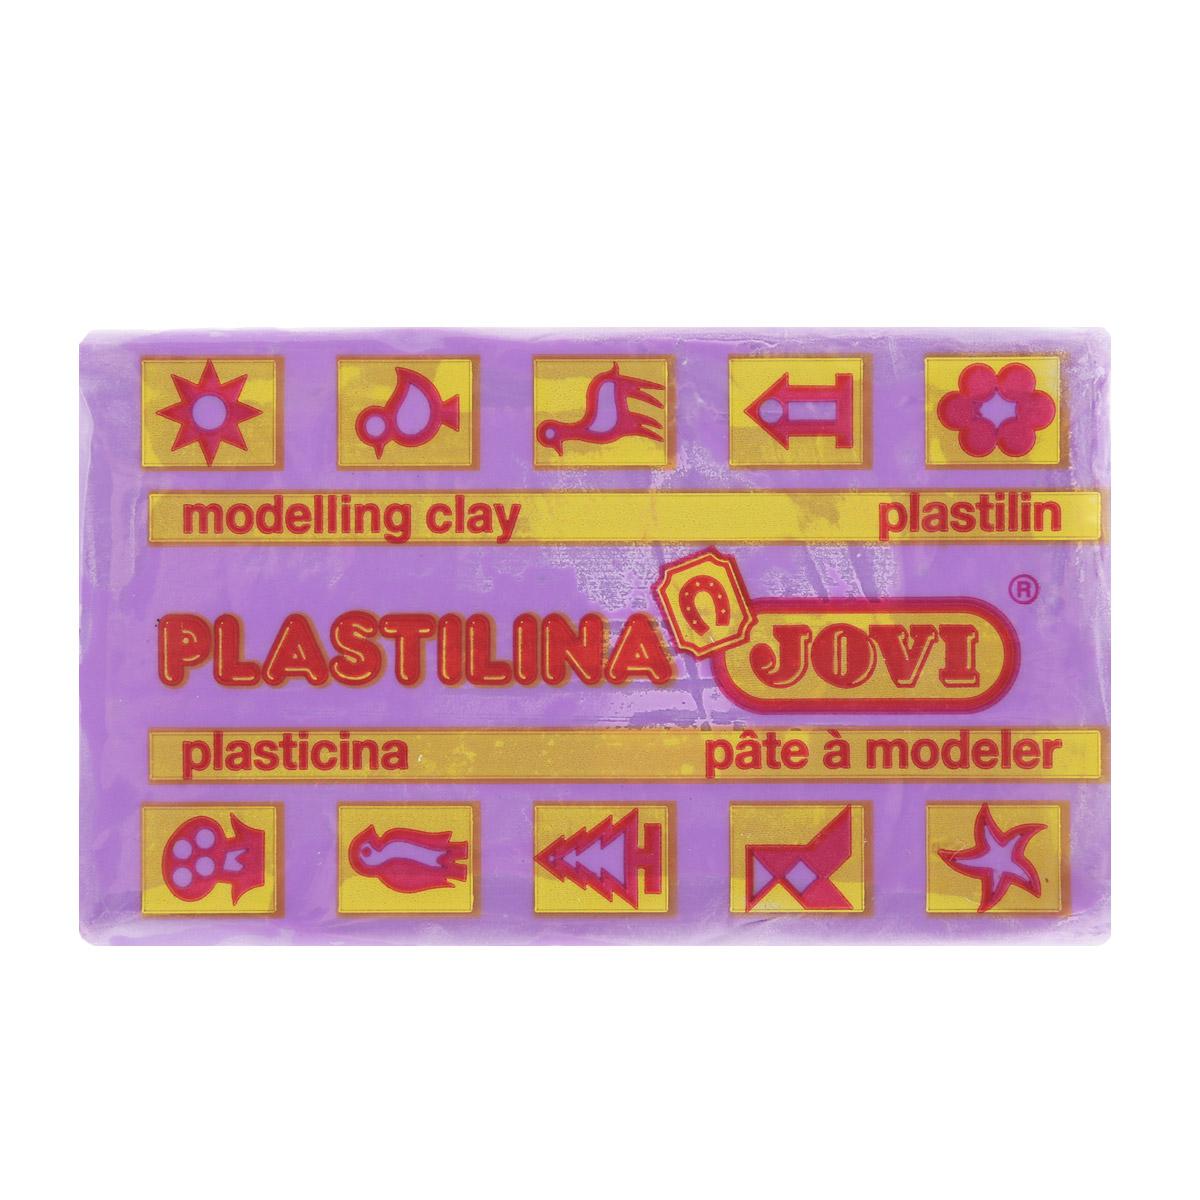 Jovi Пластилин, цвет: фиолетовый, 50 г7014U_фиолетовыйПластилин Jovi - лучший выбор для лепки, он обладает превосходными изобразительными возможностями и поэтому дает простор воображению и самым смелым творческим замыслам. Пластилин, изготовленный на растительной основе, очень мягкий, легко разминается и смешивается, не пачкает руки и не прилипает к рабочей поверхности. Пластилин пригоден для создания аппликаций и поделок, ручной лепки, моделирования на каркасе, пластилиновой живописи - рисовании пластилином по бумаге, картону, дереву или текстилю. Пластические свойства сохраняются в течение 5 лет.